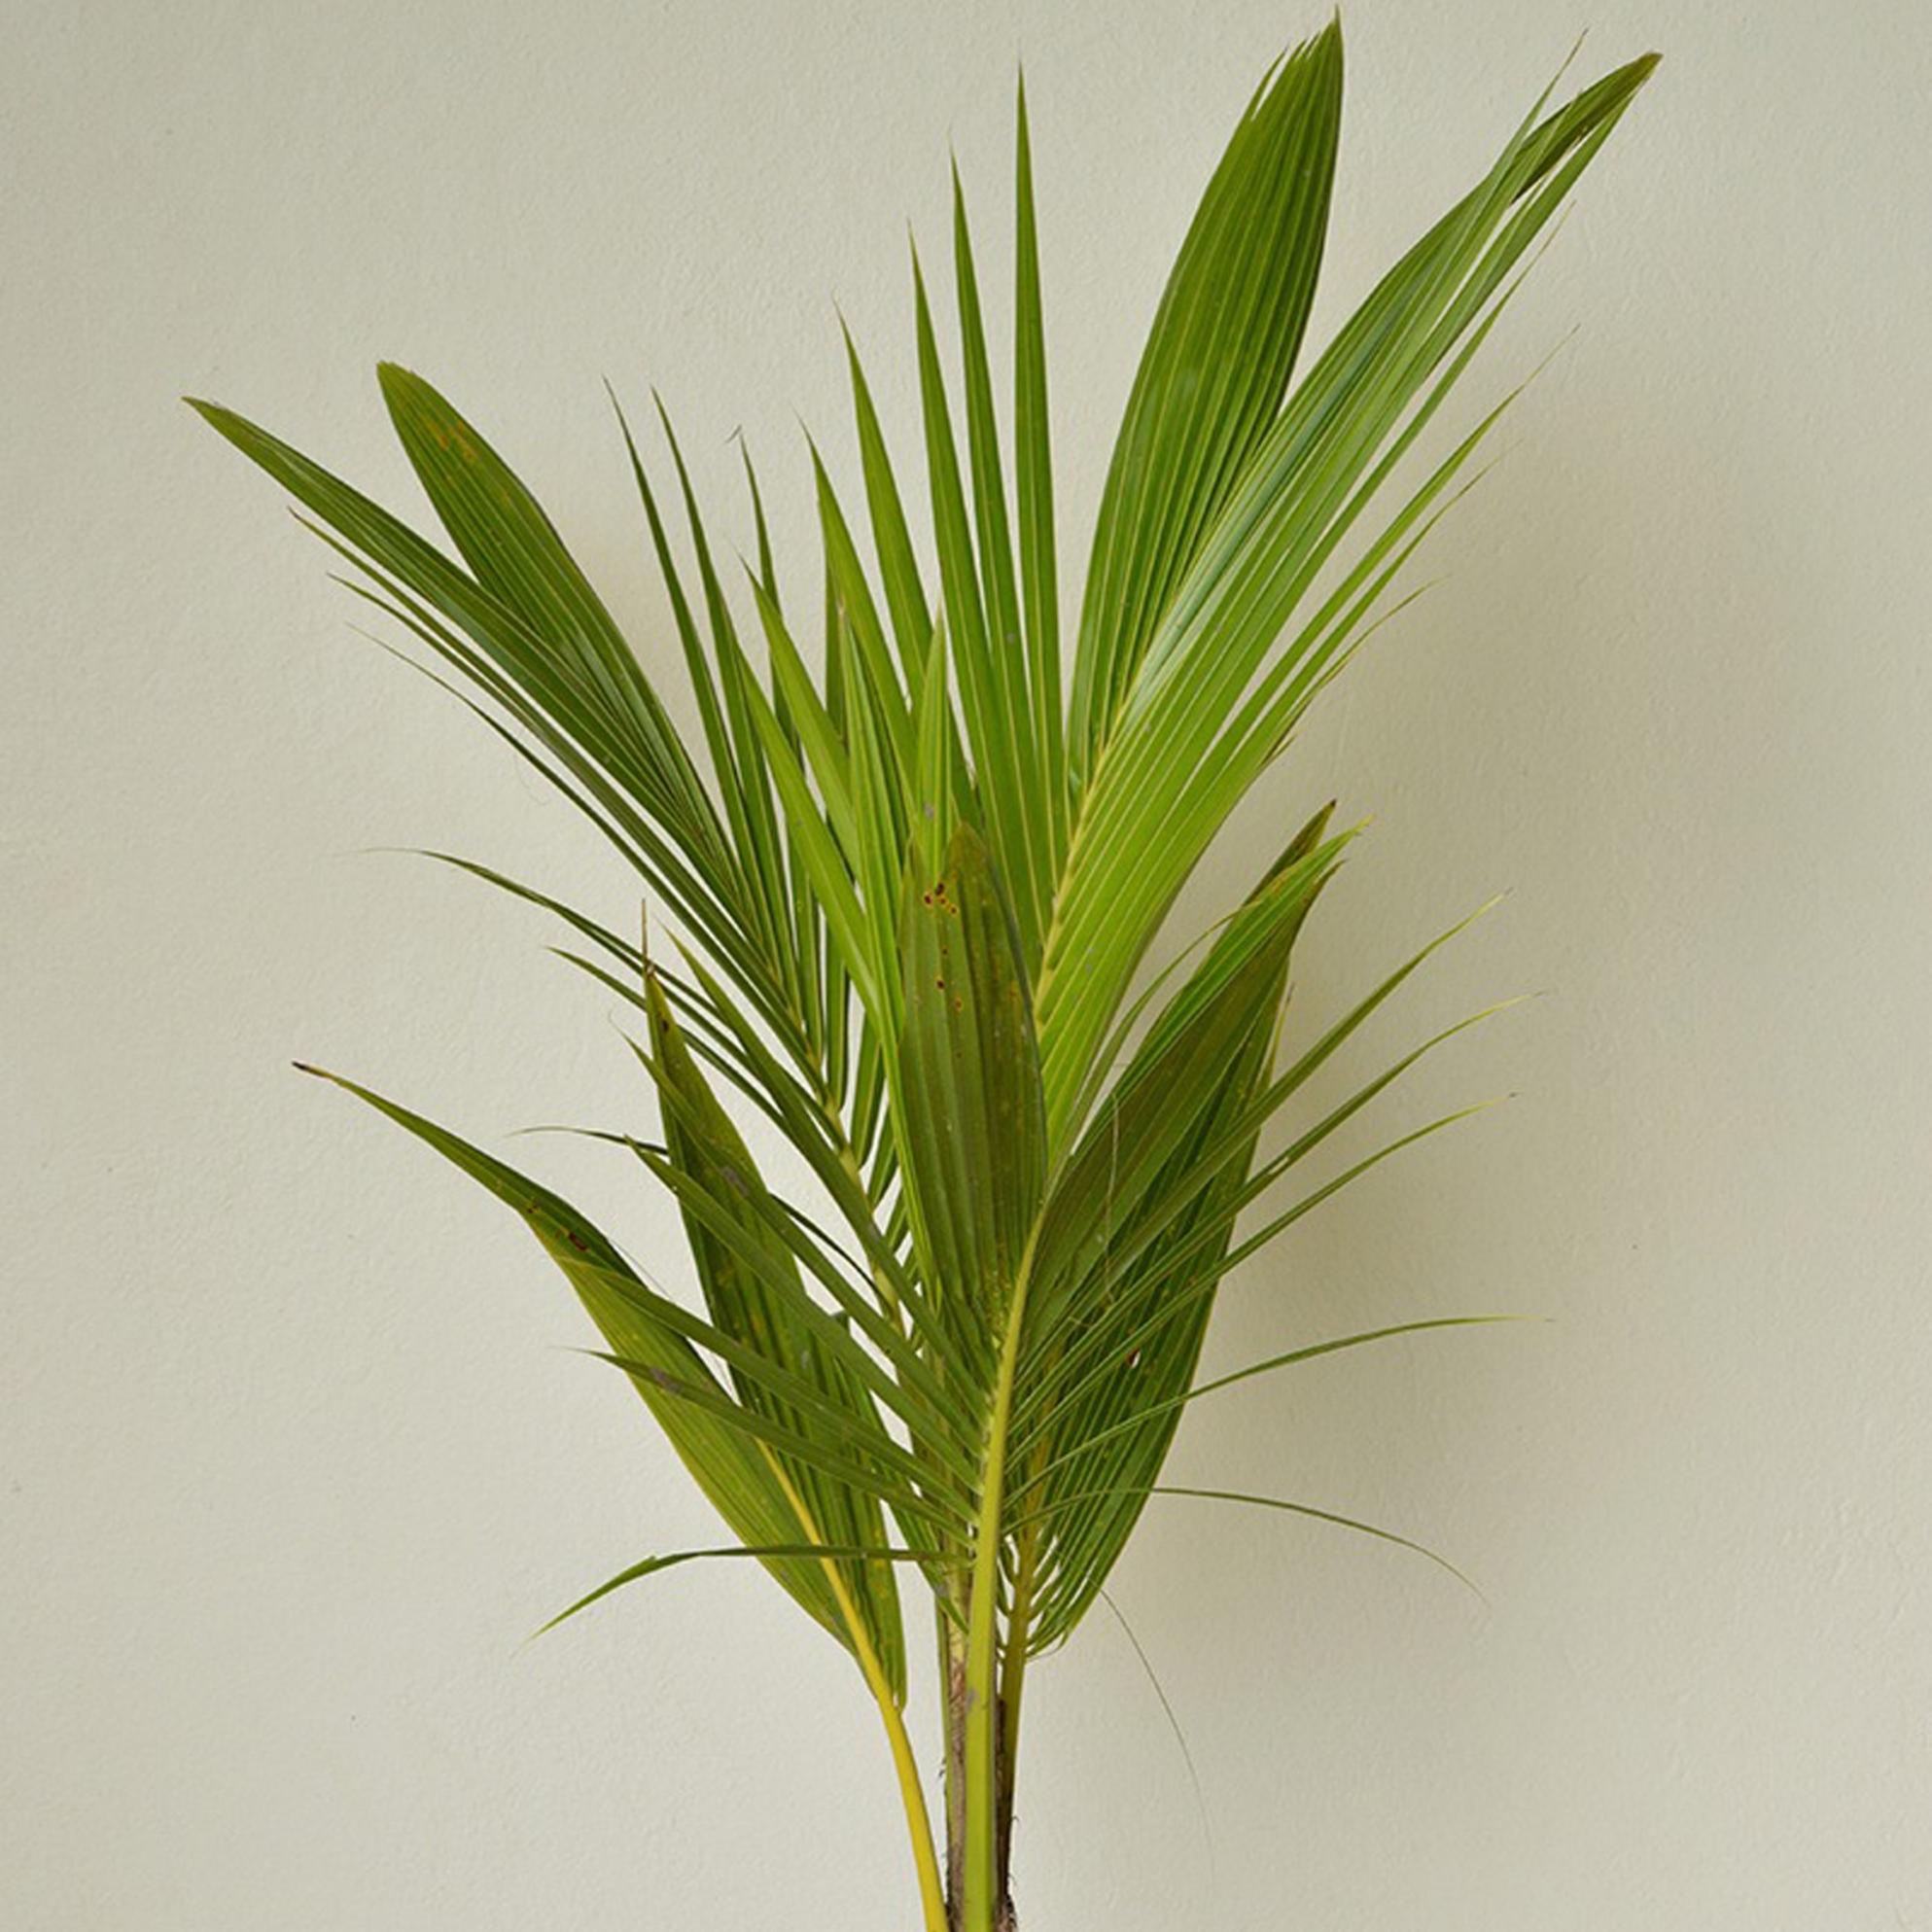 Coconut Palm - Cocos nucifera -